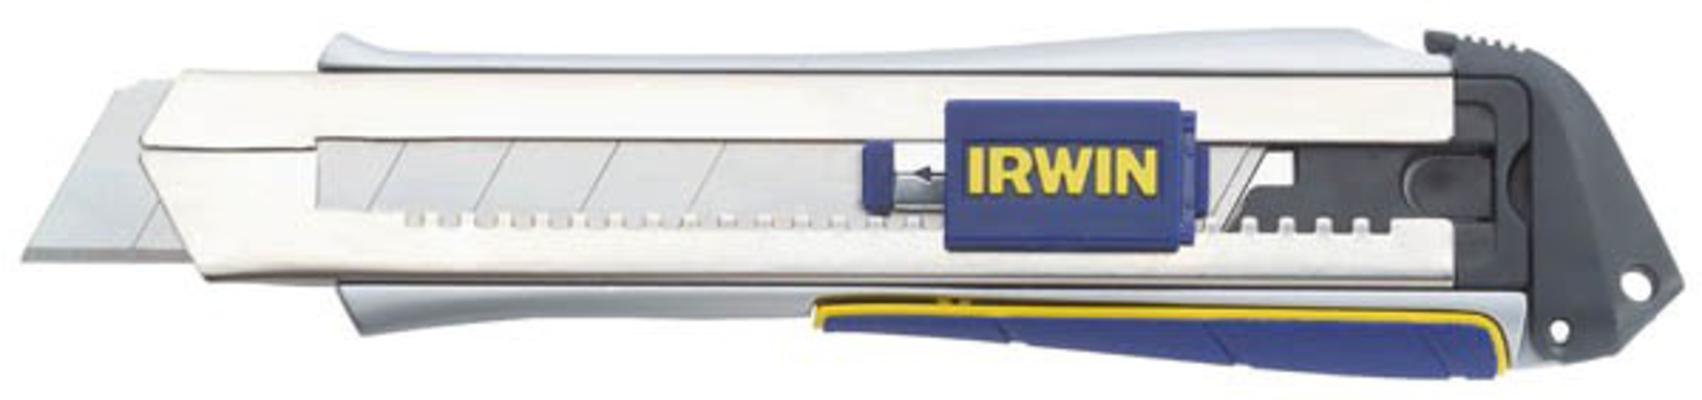 Katkoteräveitsi 25 mm, Irwin Pro-Touch - Katkoteräveitsi 25 mm